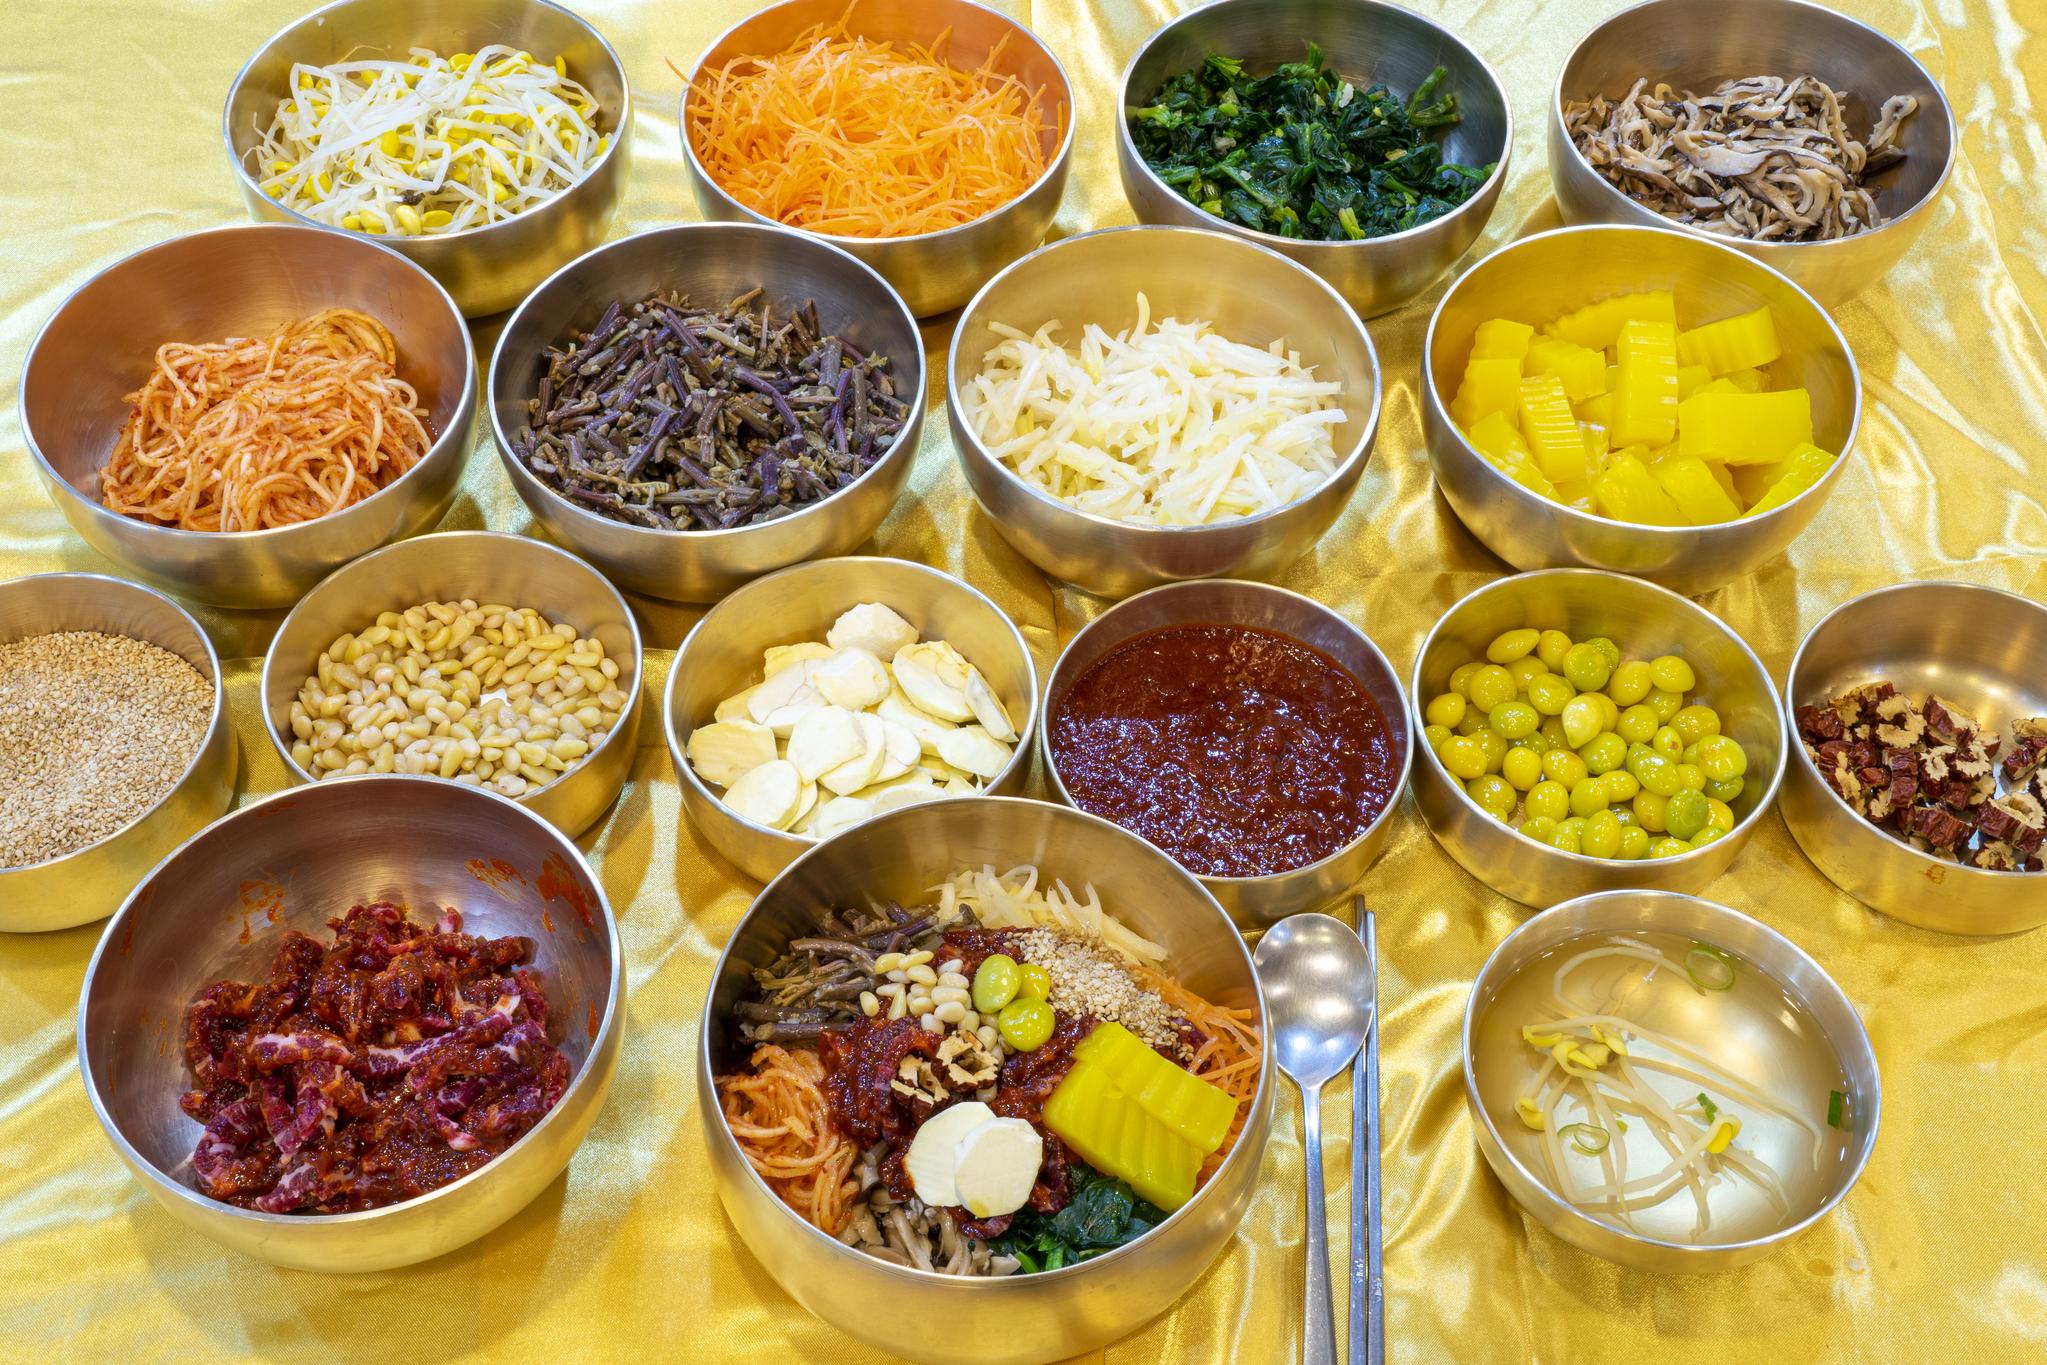 전주비빔밥은 화려하고 푸짐한 게 특징이다. 육회·황포묵·콩나물·대추·은행·표고버섯·밤 등 적어도 15가지 이상의 재료가 들어가야 한다. '갑기회관'의 비빔밥 역시 화려하고 정갈하다.